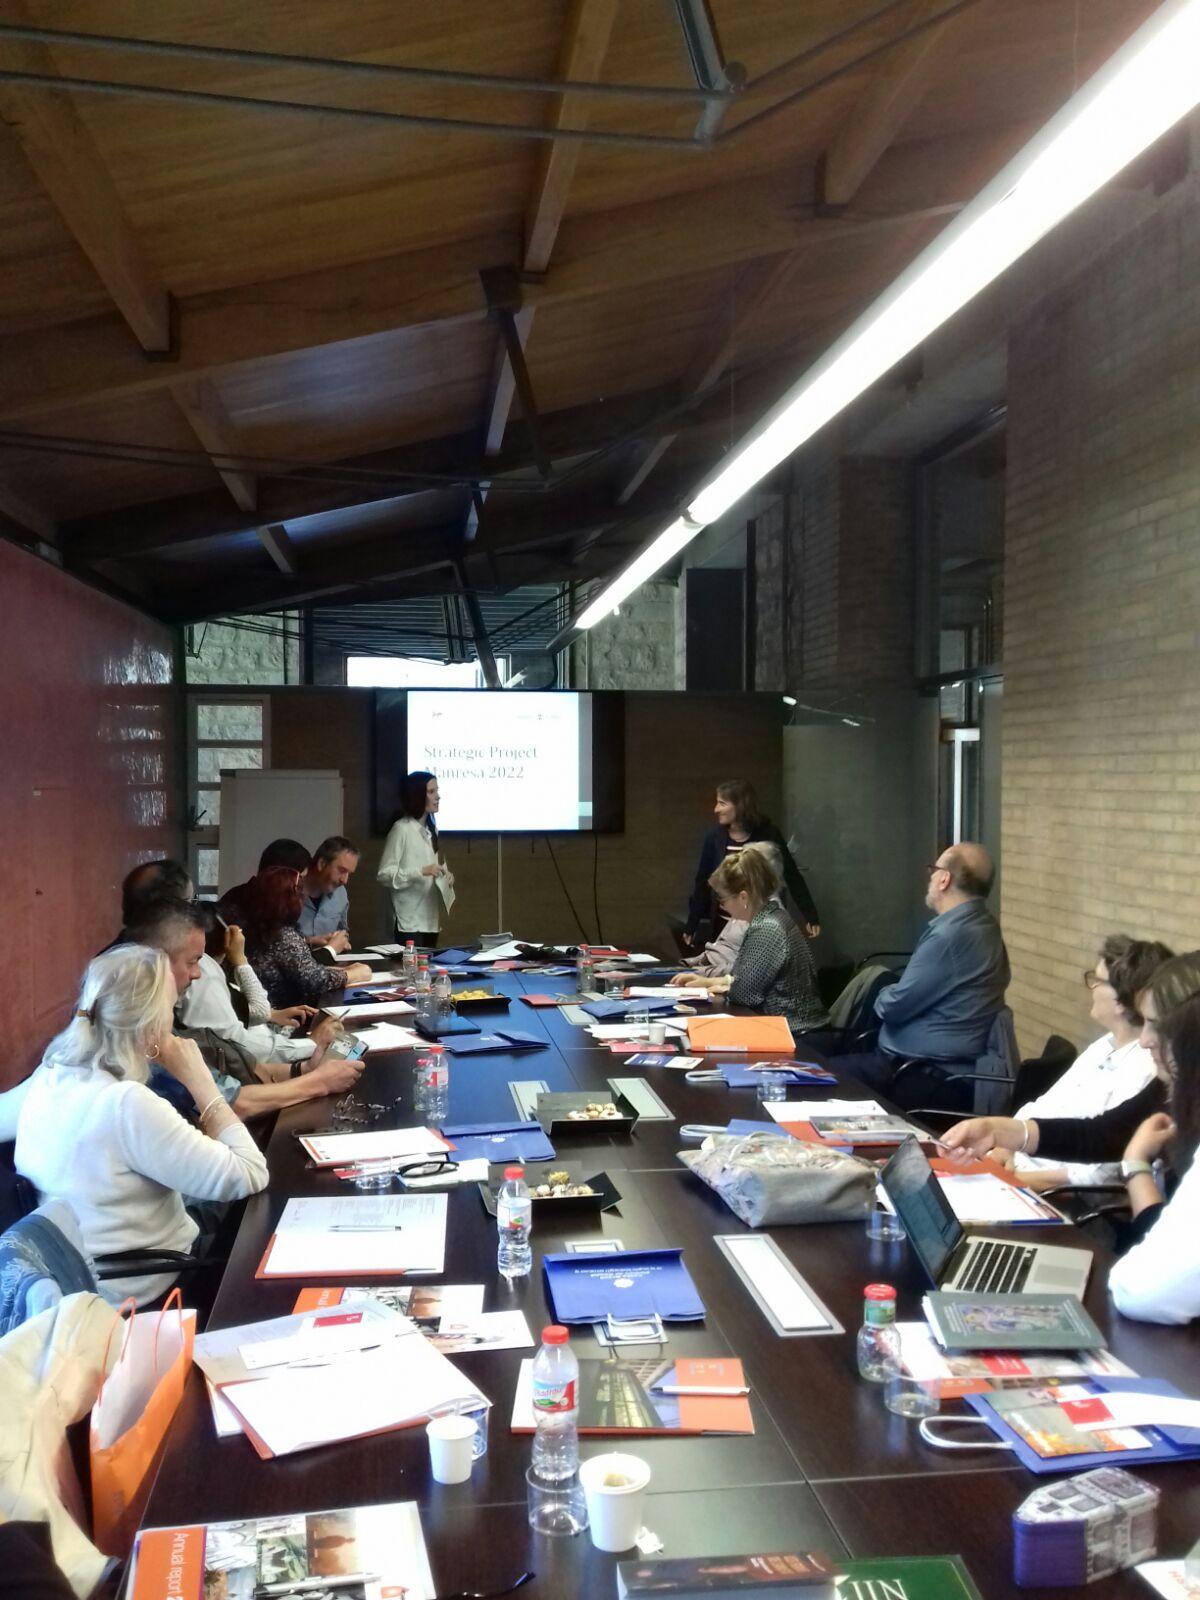 La Facultat De Turisme De La Universitat De Girona Va Acollir El